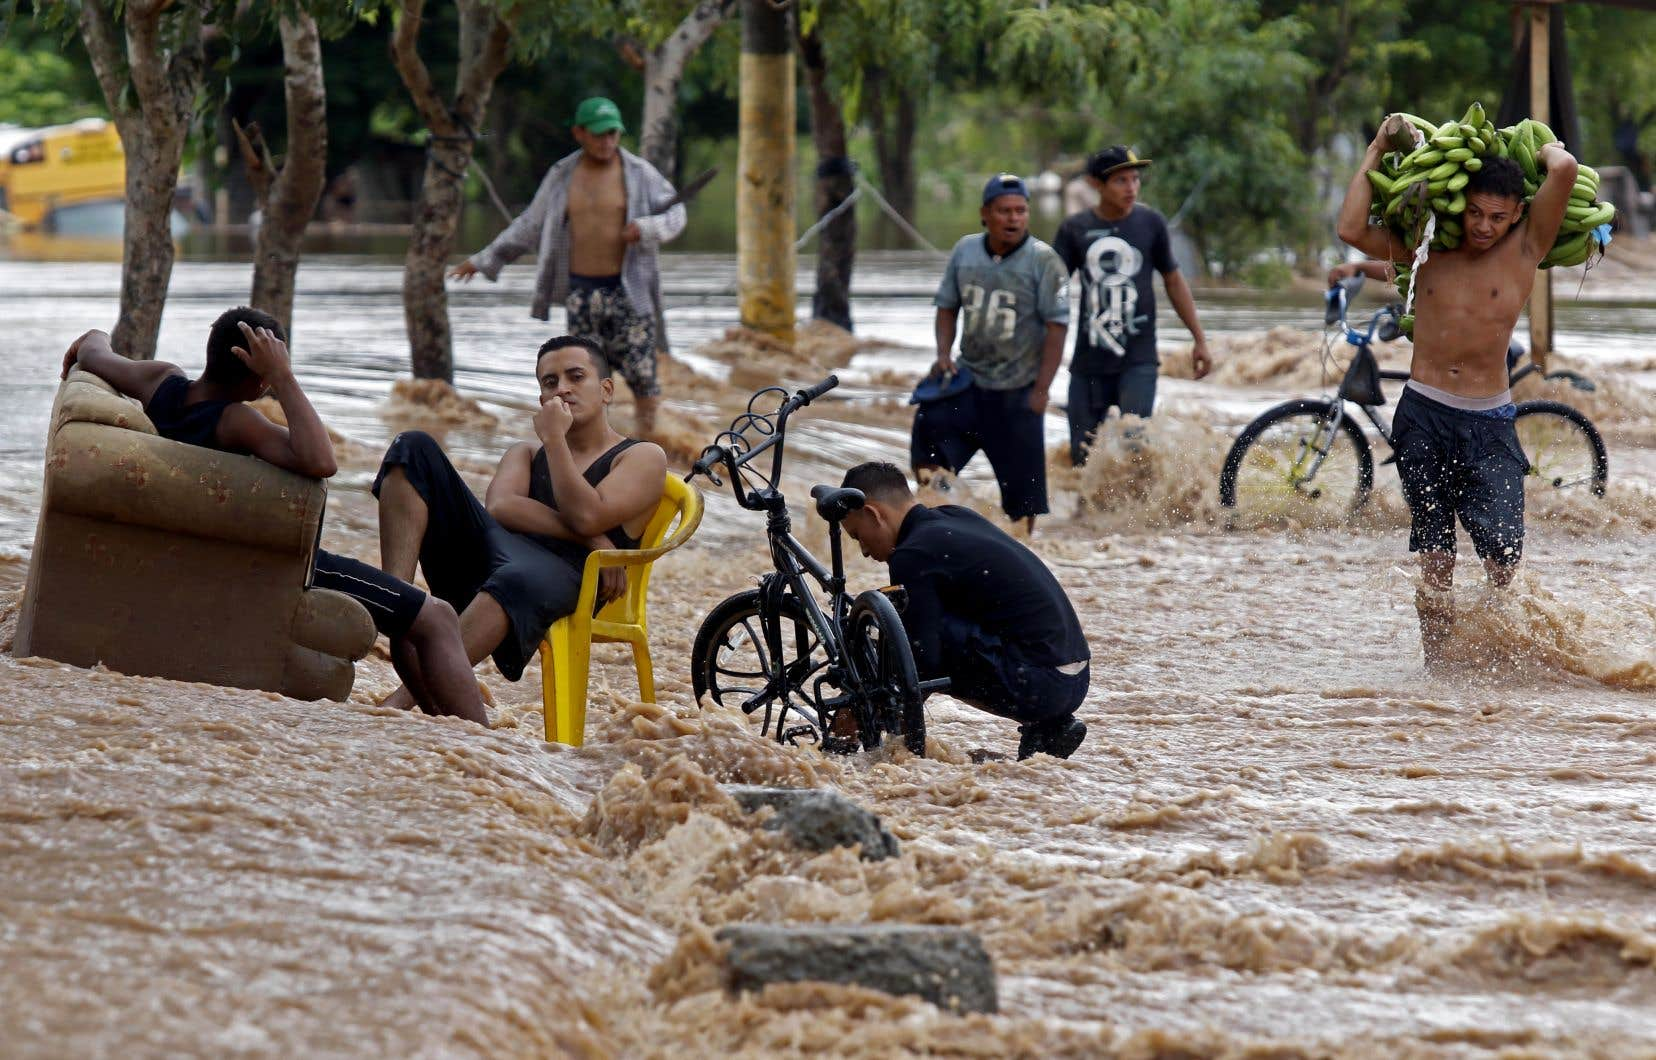 <p>Selon le NHC, des inondations et des crues soudaines pourraient se poursuivre en Amérique centrale jusqu'à jeudi en raison des pluies torrentielles. Sur la photo, une rue de la ville hondurienne d'El Progreso mercredi</p>